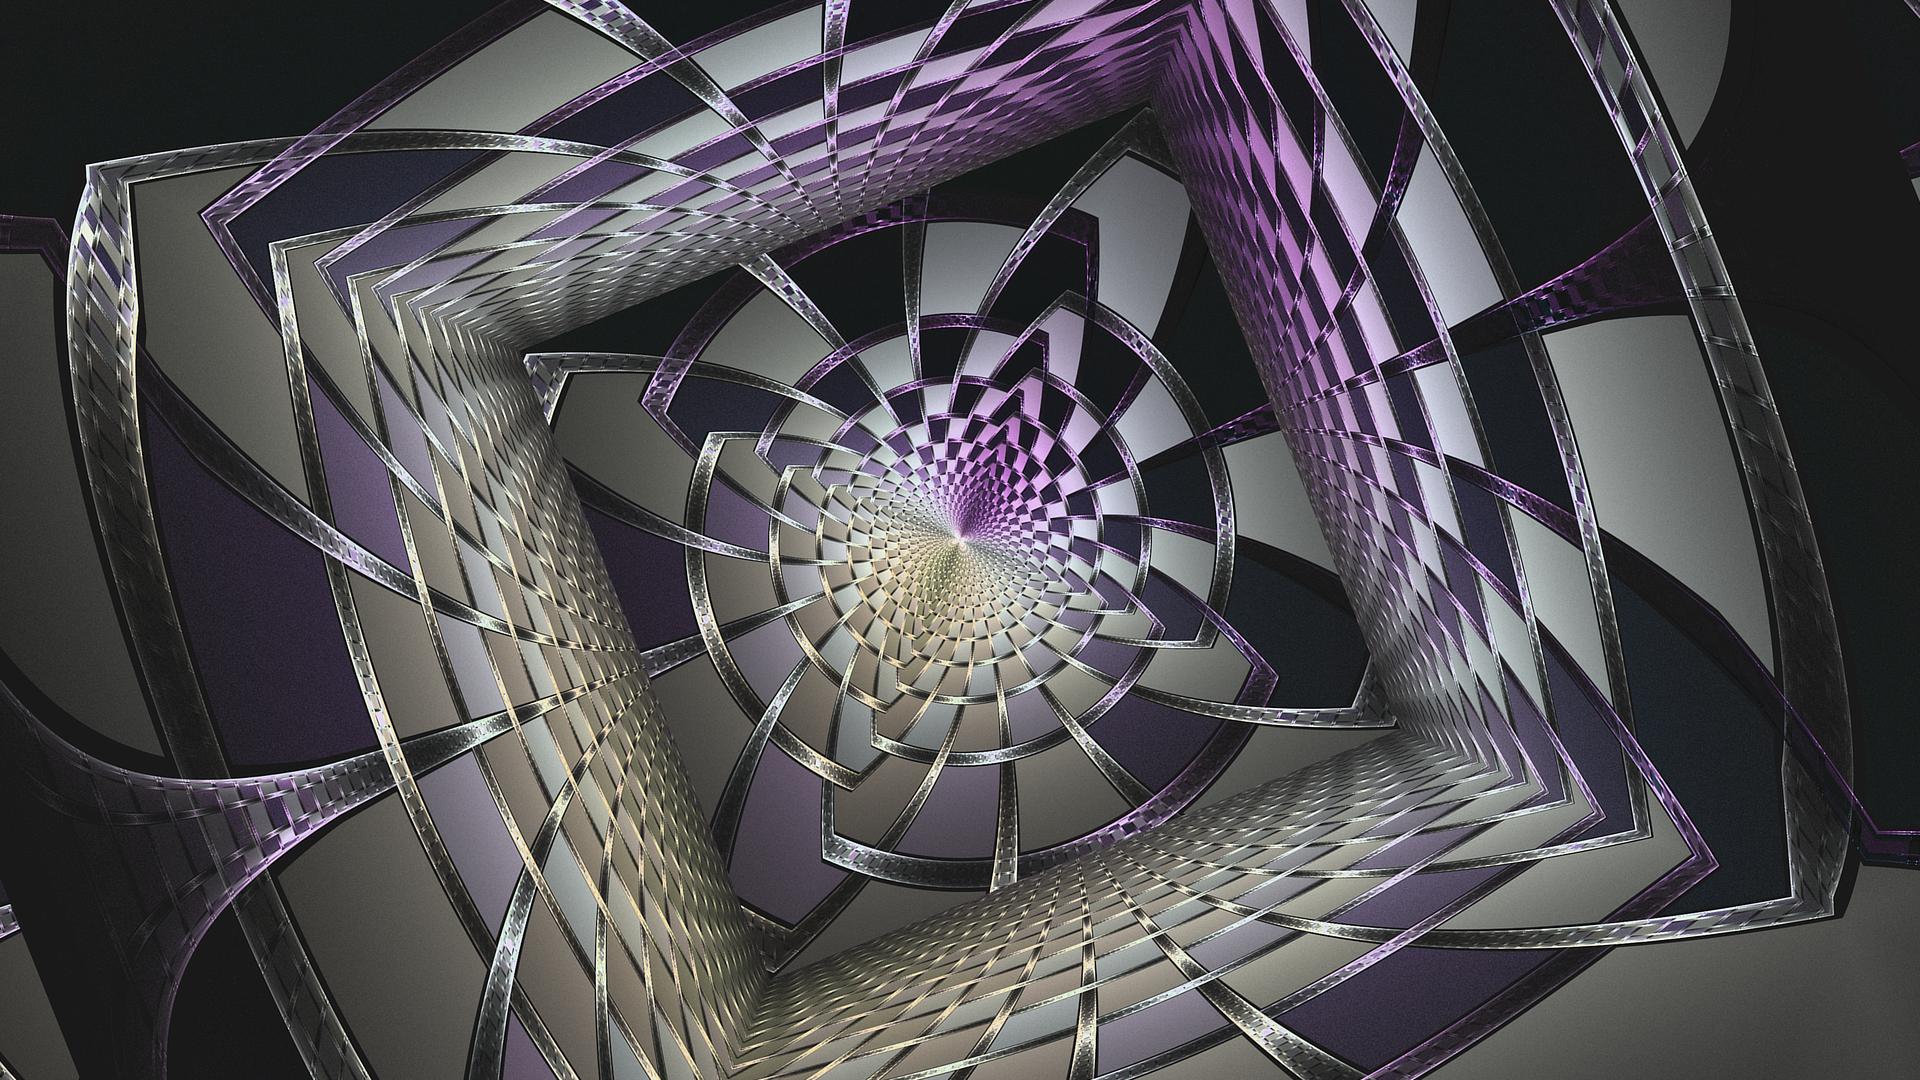 Stuck in a Chessboard - by Monkeyshack (me)